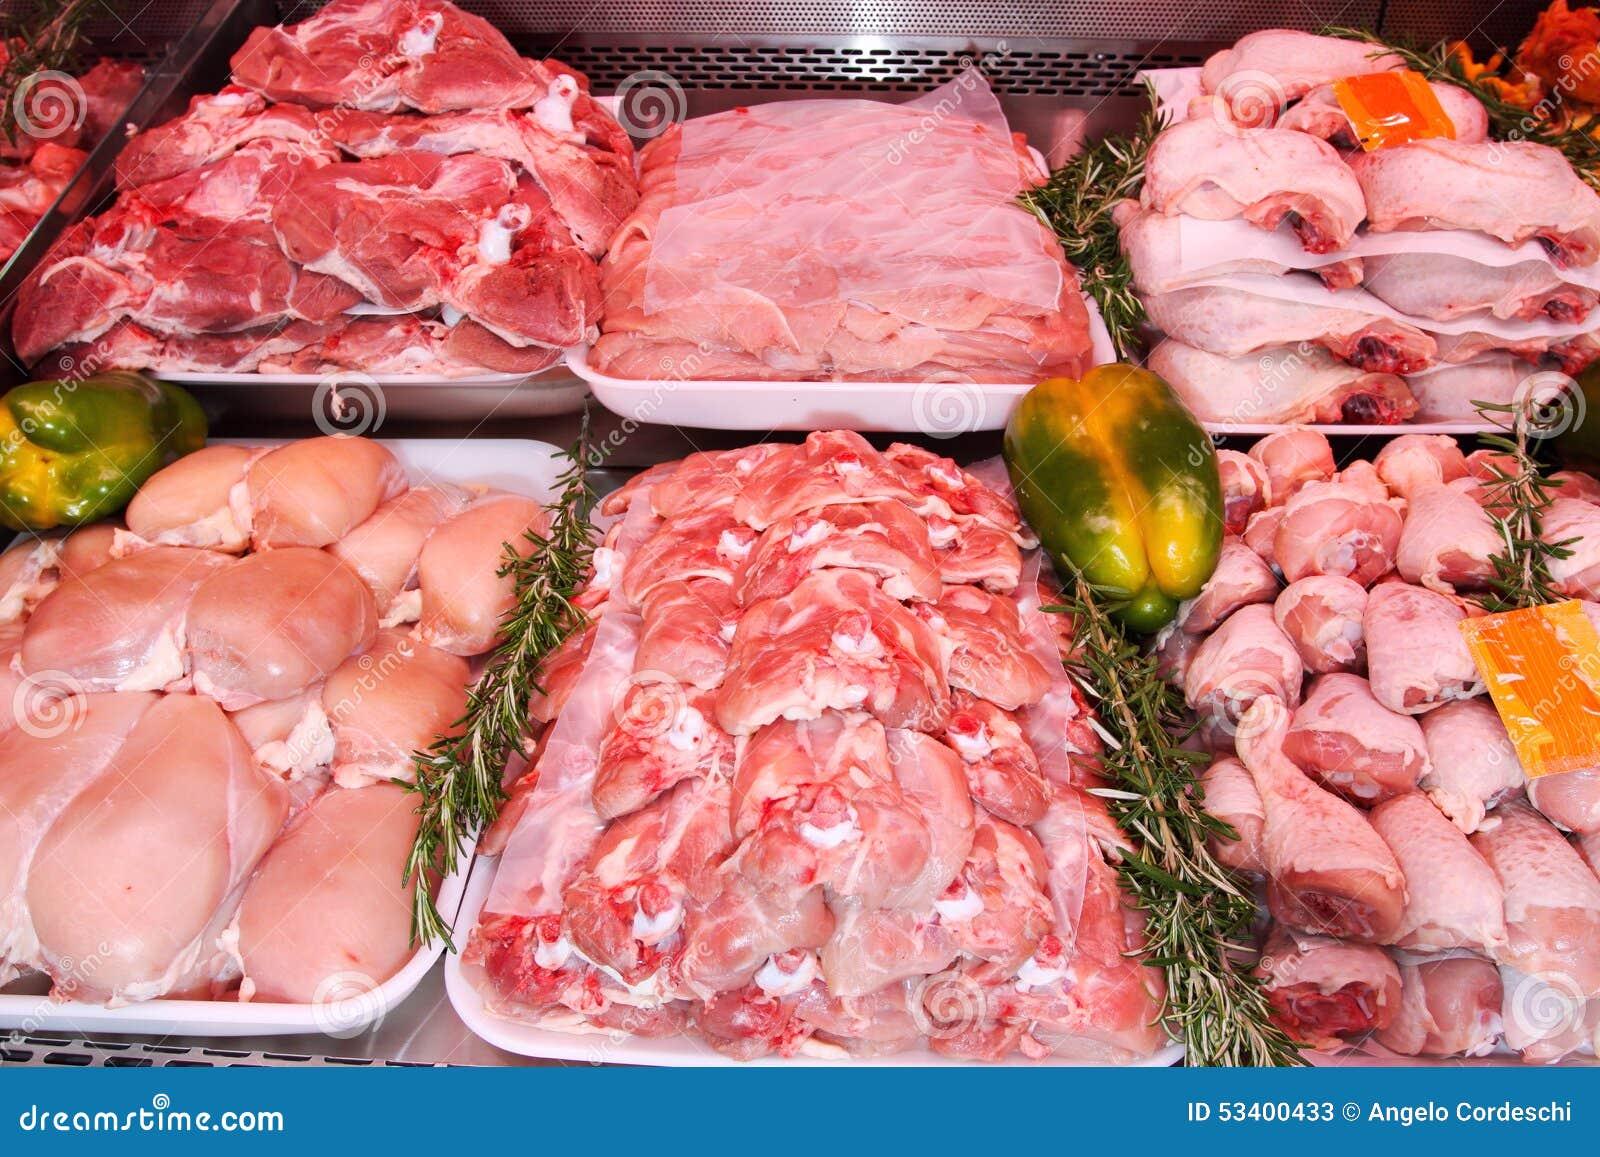 Отдел мяса, дисплей супермаркета Мясная лавка